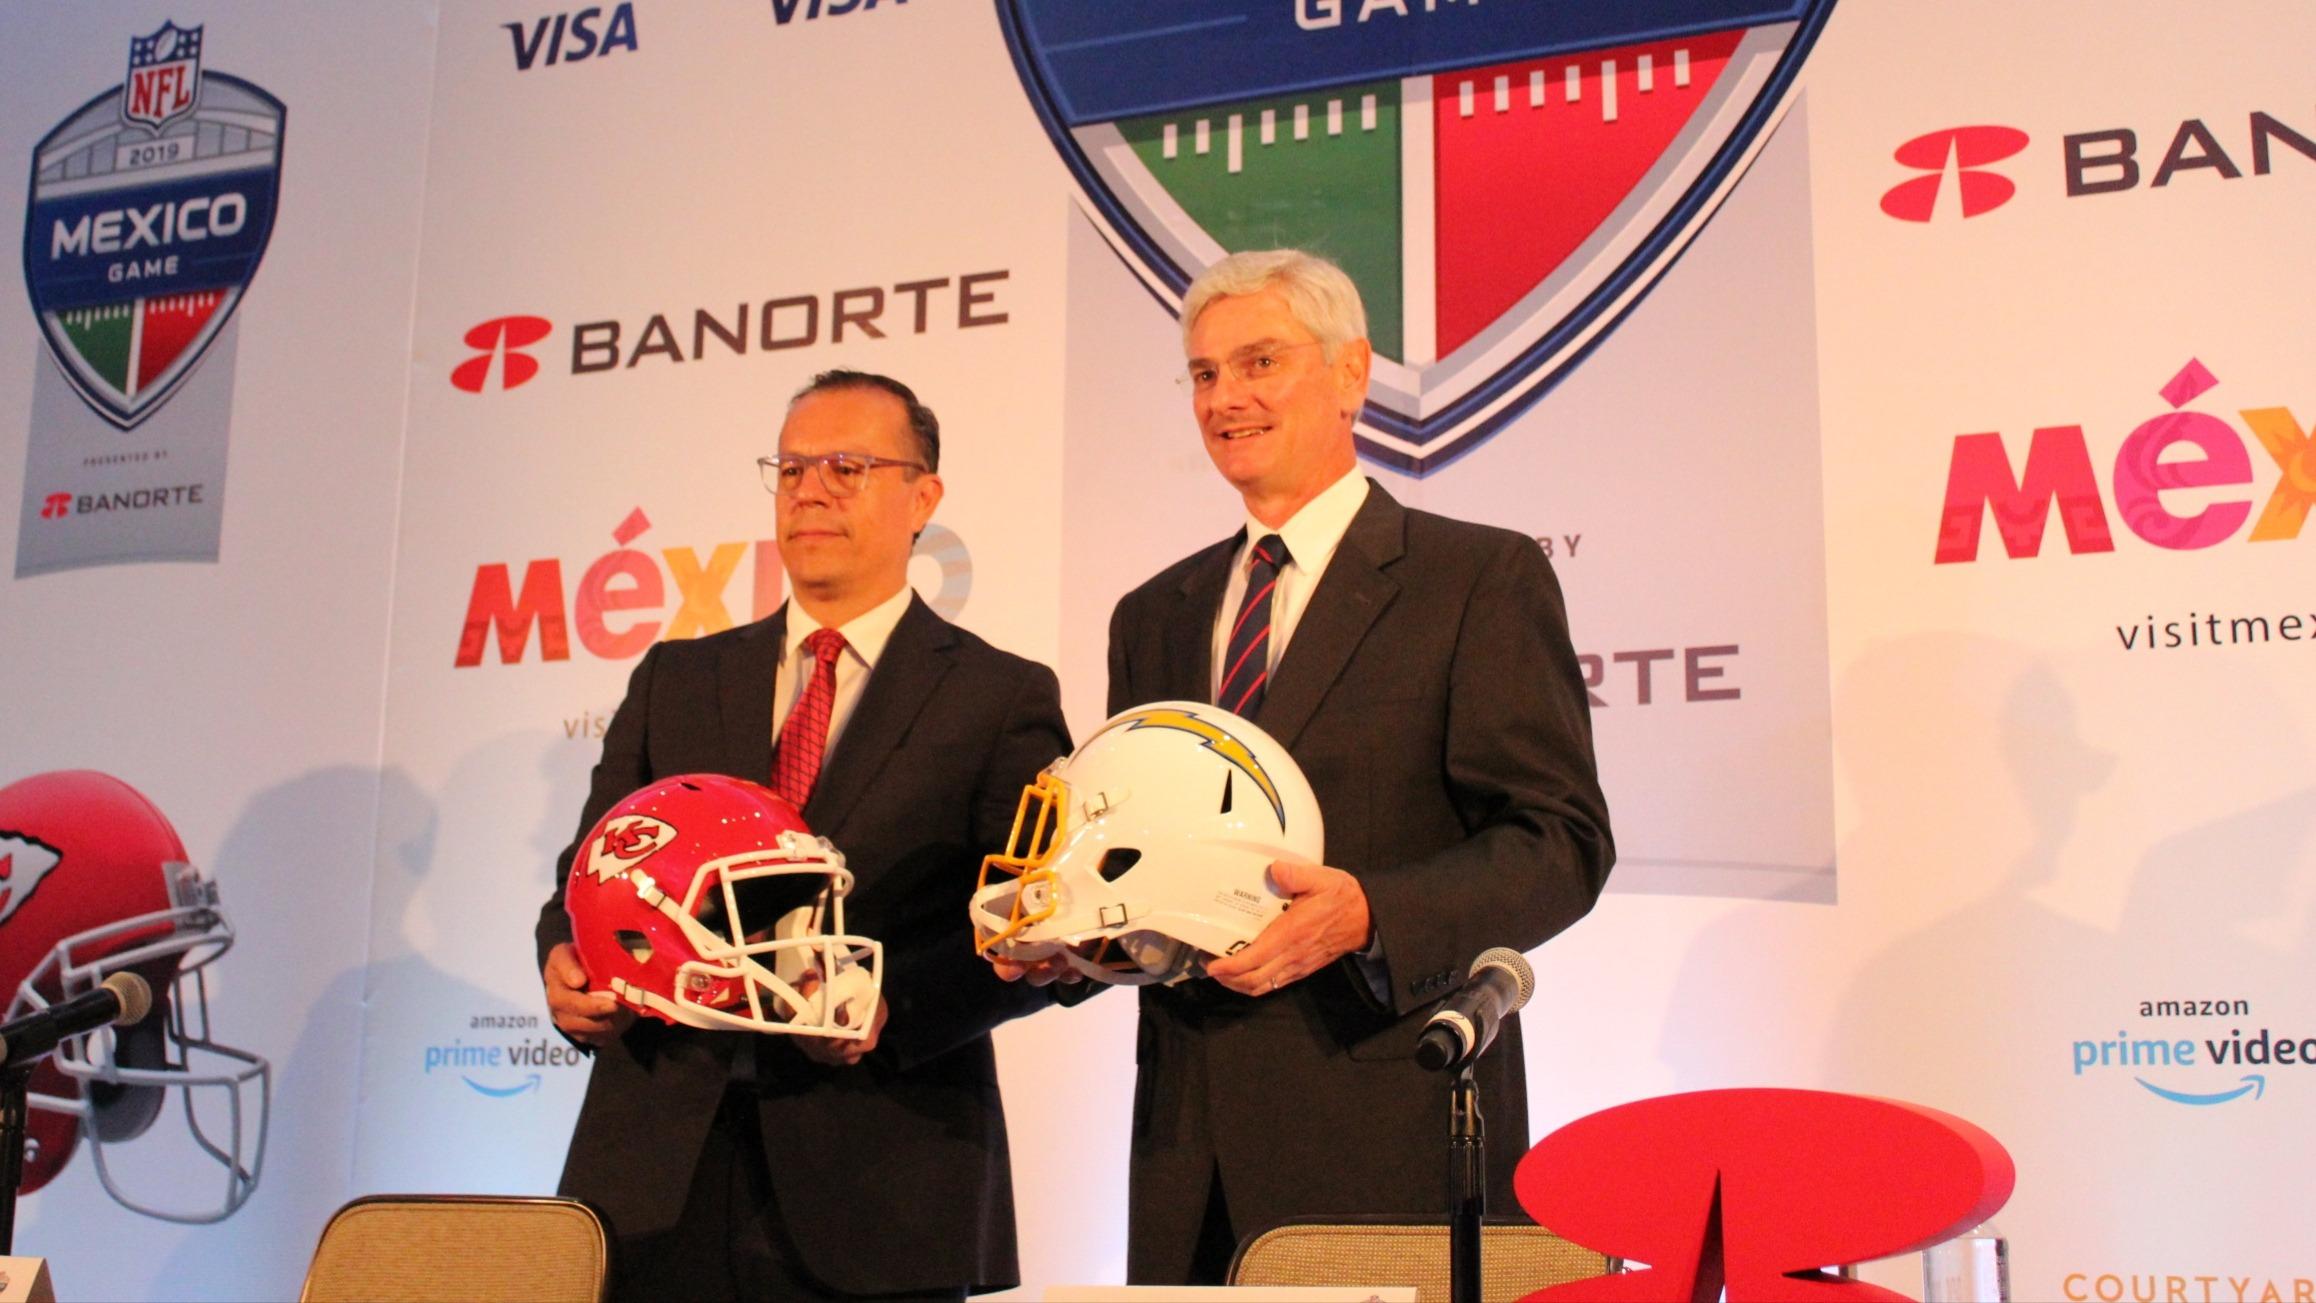 Confirman fechas y precios para la NFL en México